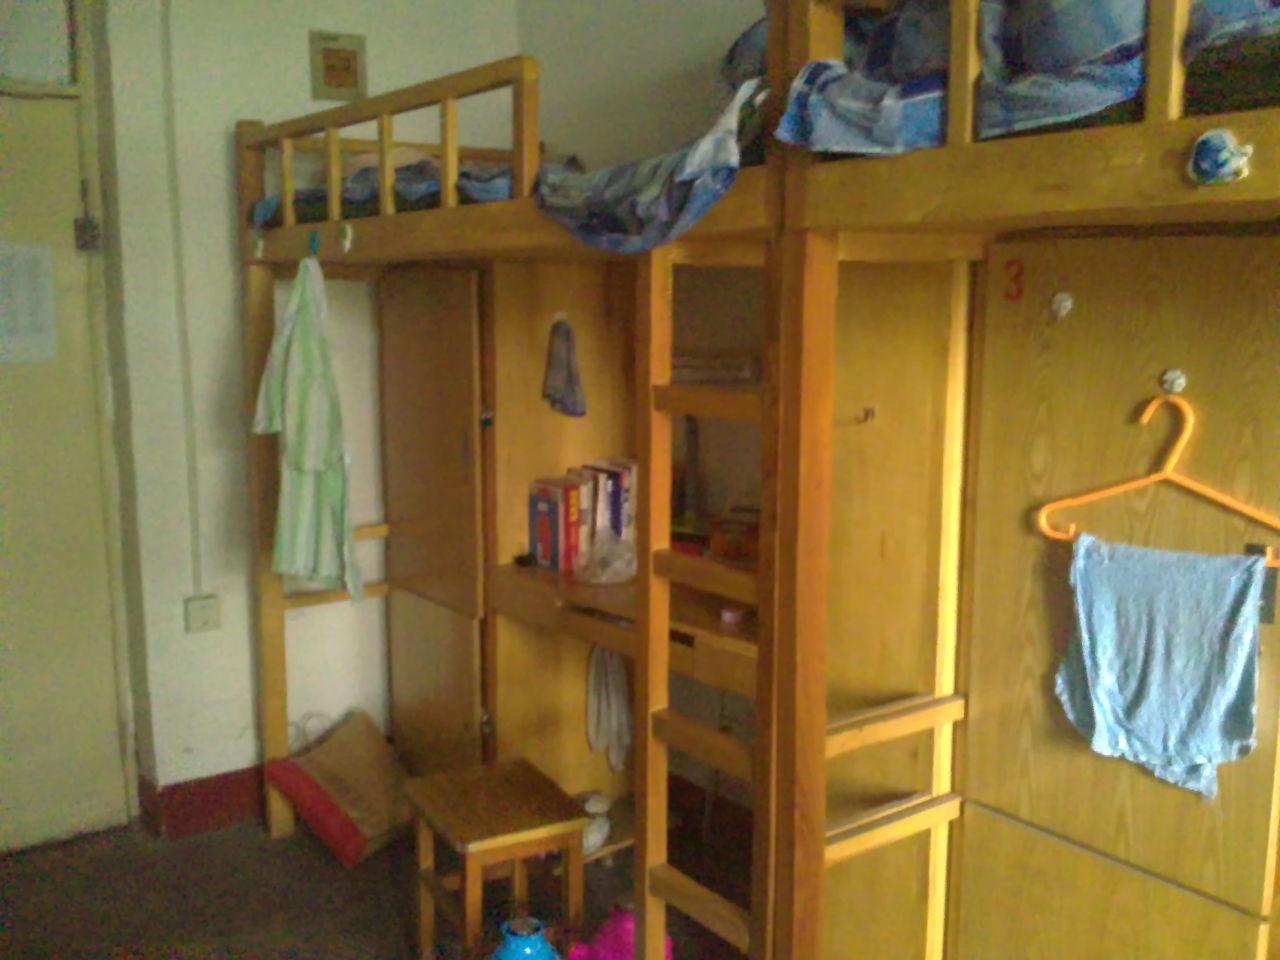 山西大学管理学院的宿舍是么样啊图片